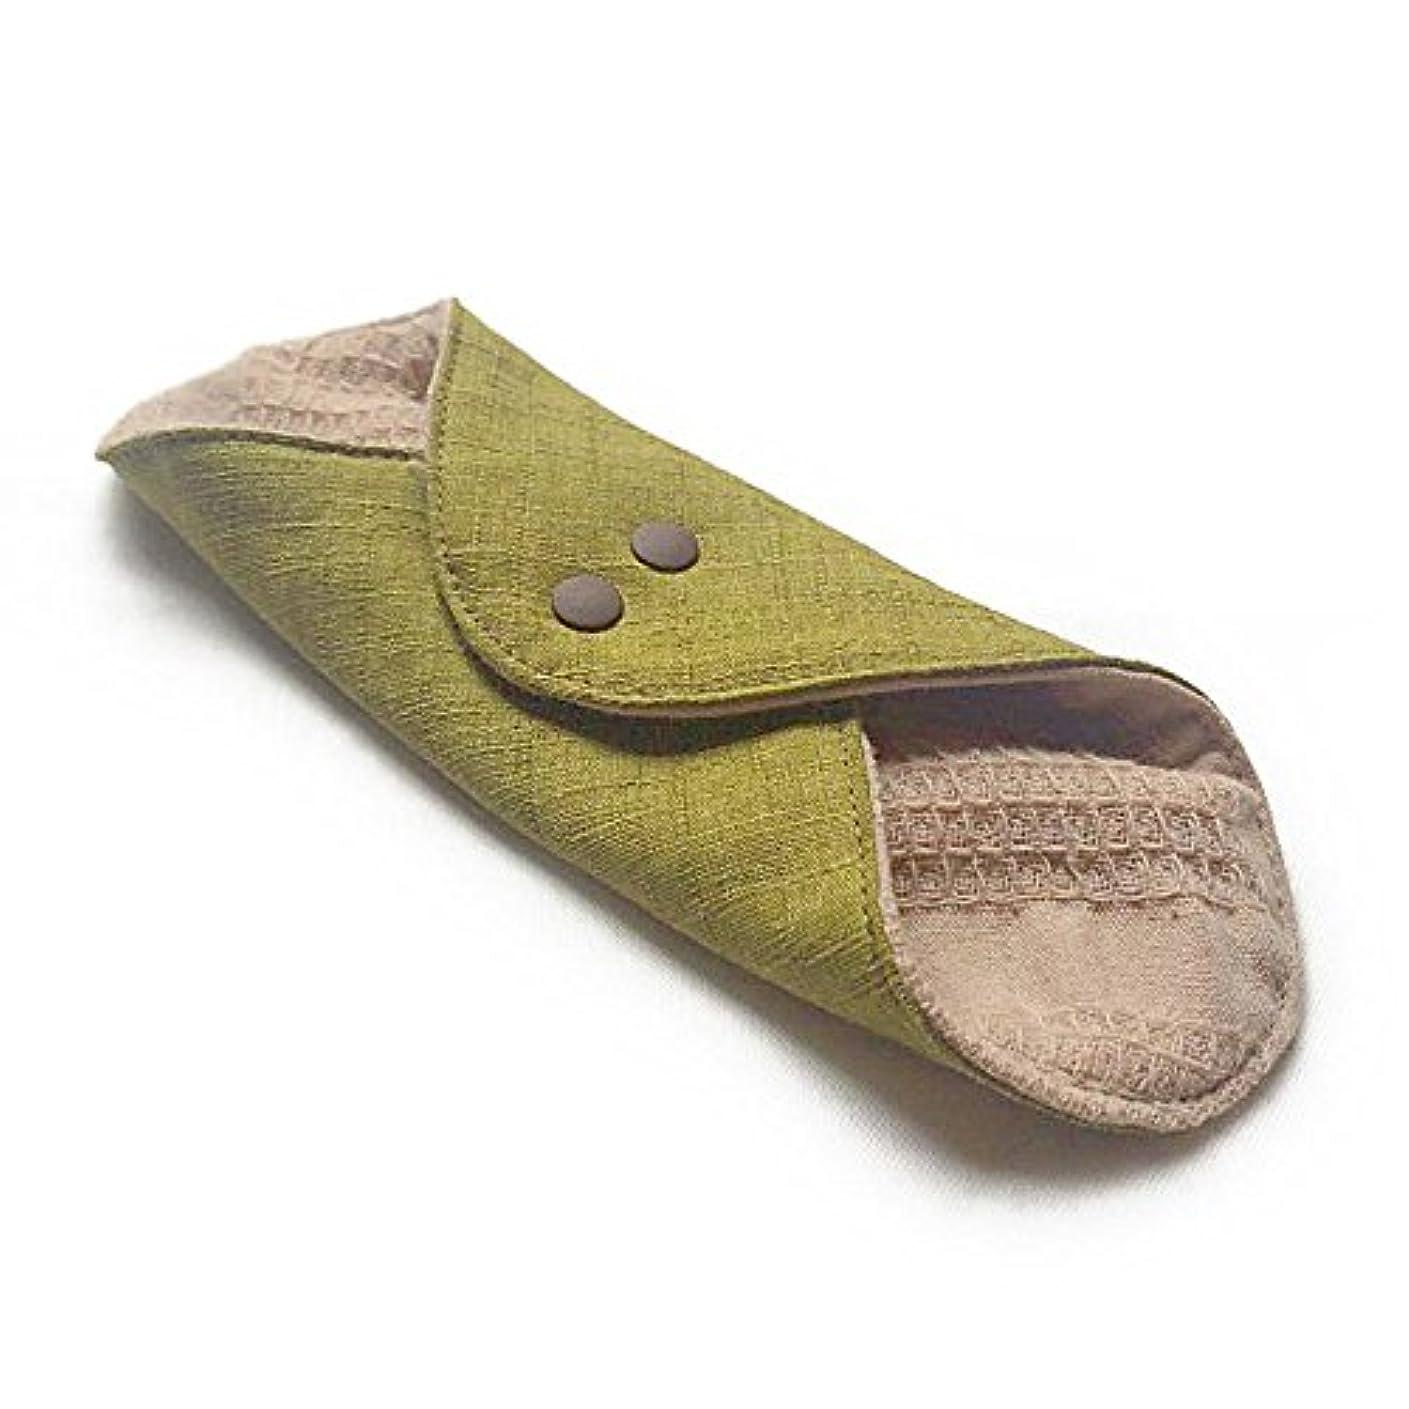 アライメント手紙を書くハード華布のオーガニックコットンのあたため布 Mサイズ(約15×約15cm) 彩り(抹茶)